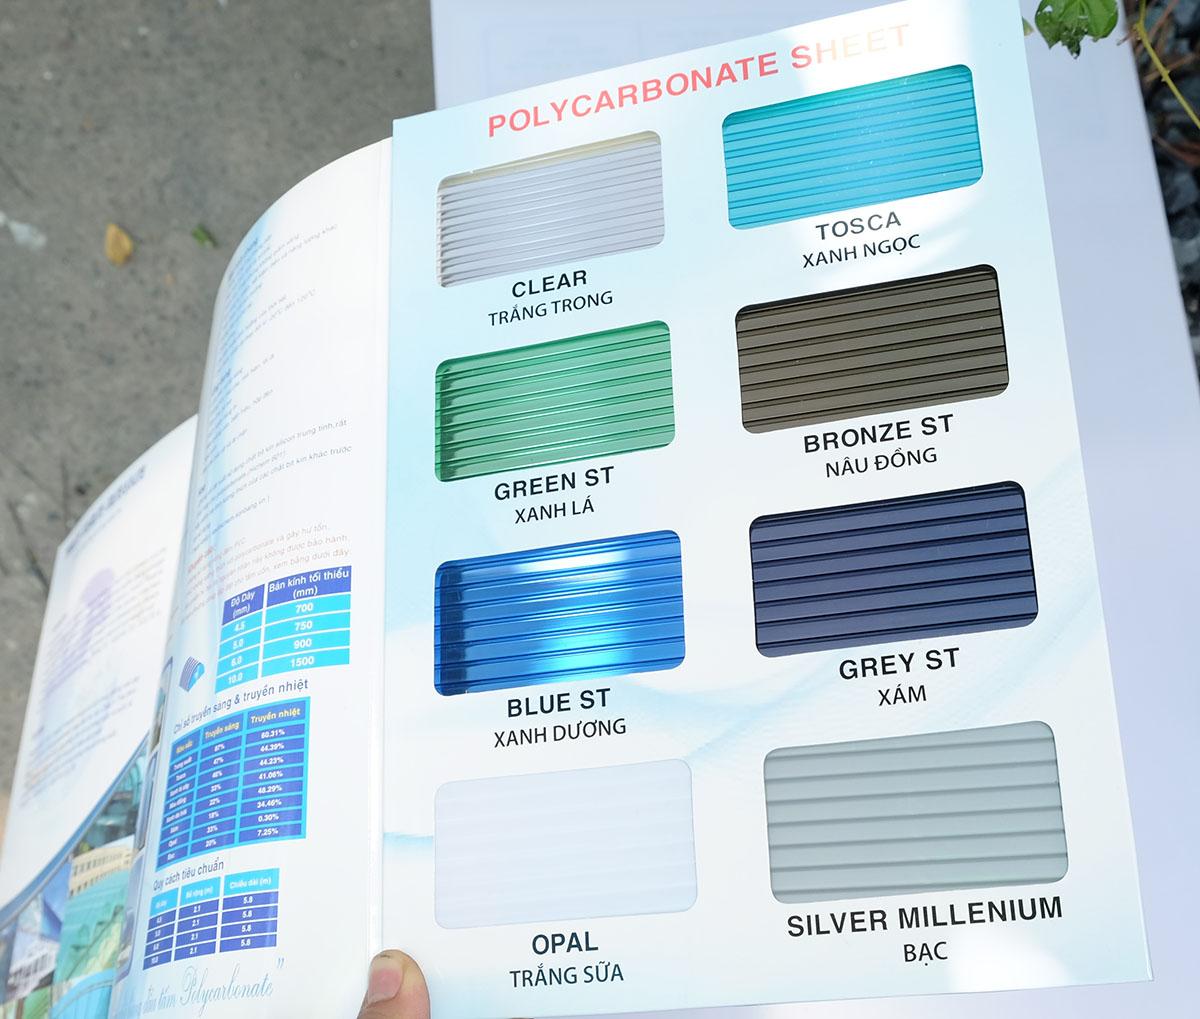 Catalog màu sắc của tấm lợp lấy sáng thông minh rỗng ruột 100% polycarbonate